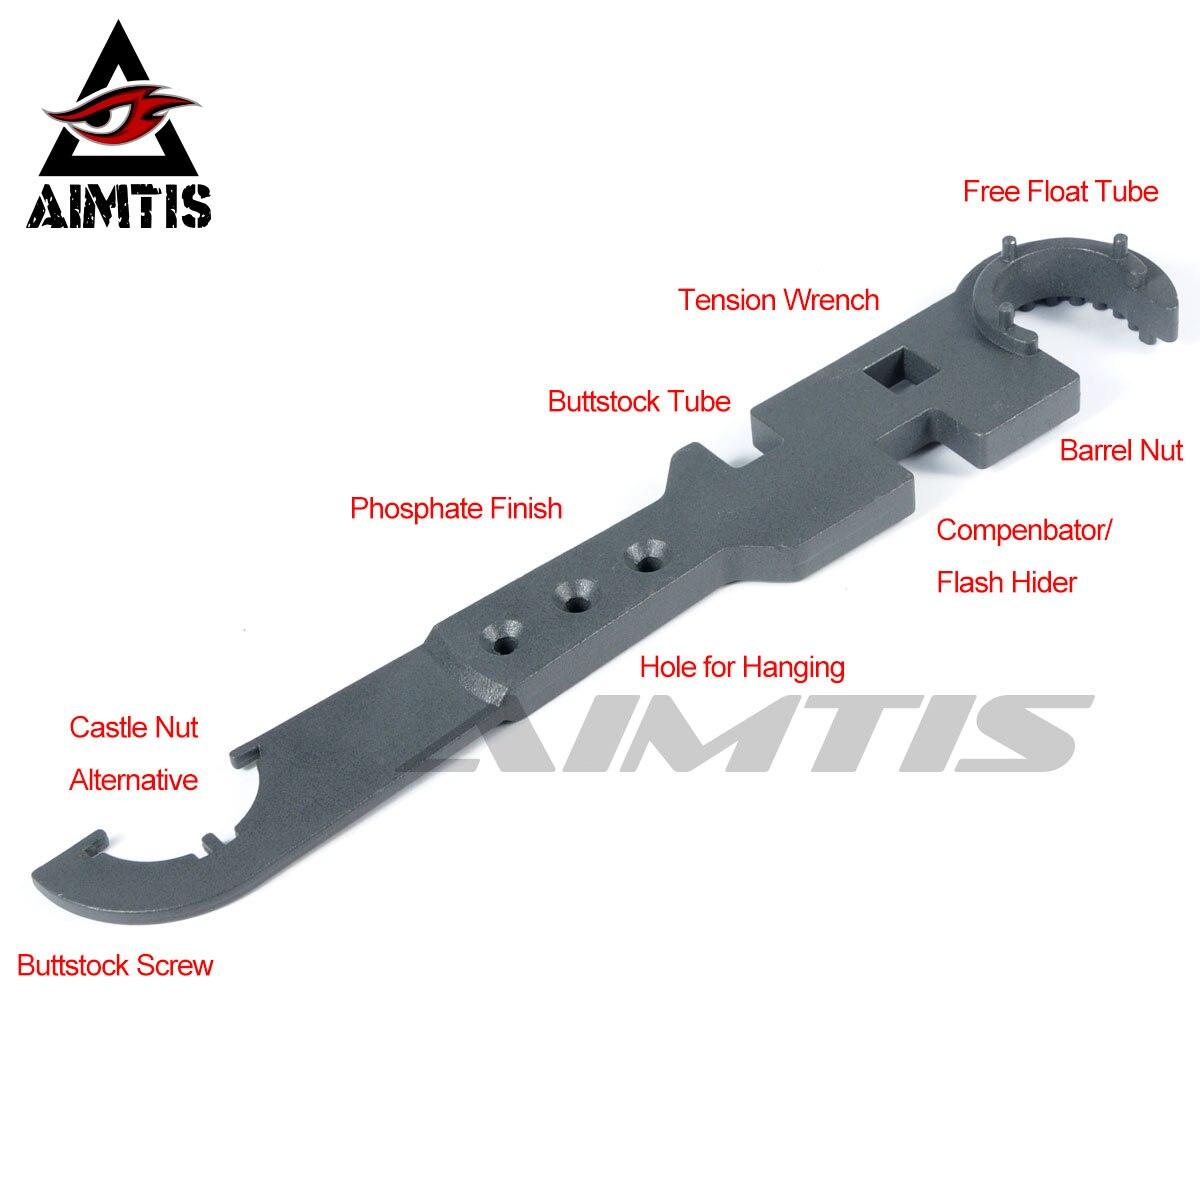 AIMTIS AR15 комбо гаечный ключ, инструмент включает замок гайка гаечный ключ баррель гайка гаечный ключ бутшток трубчатый инструмент намордник тормоза Flash Hider Handguar